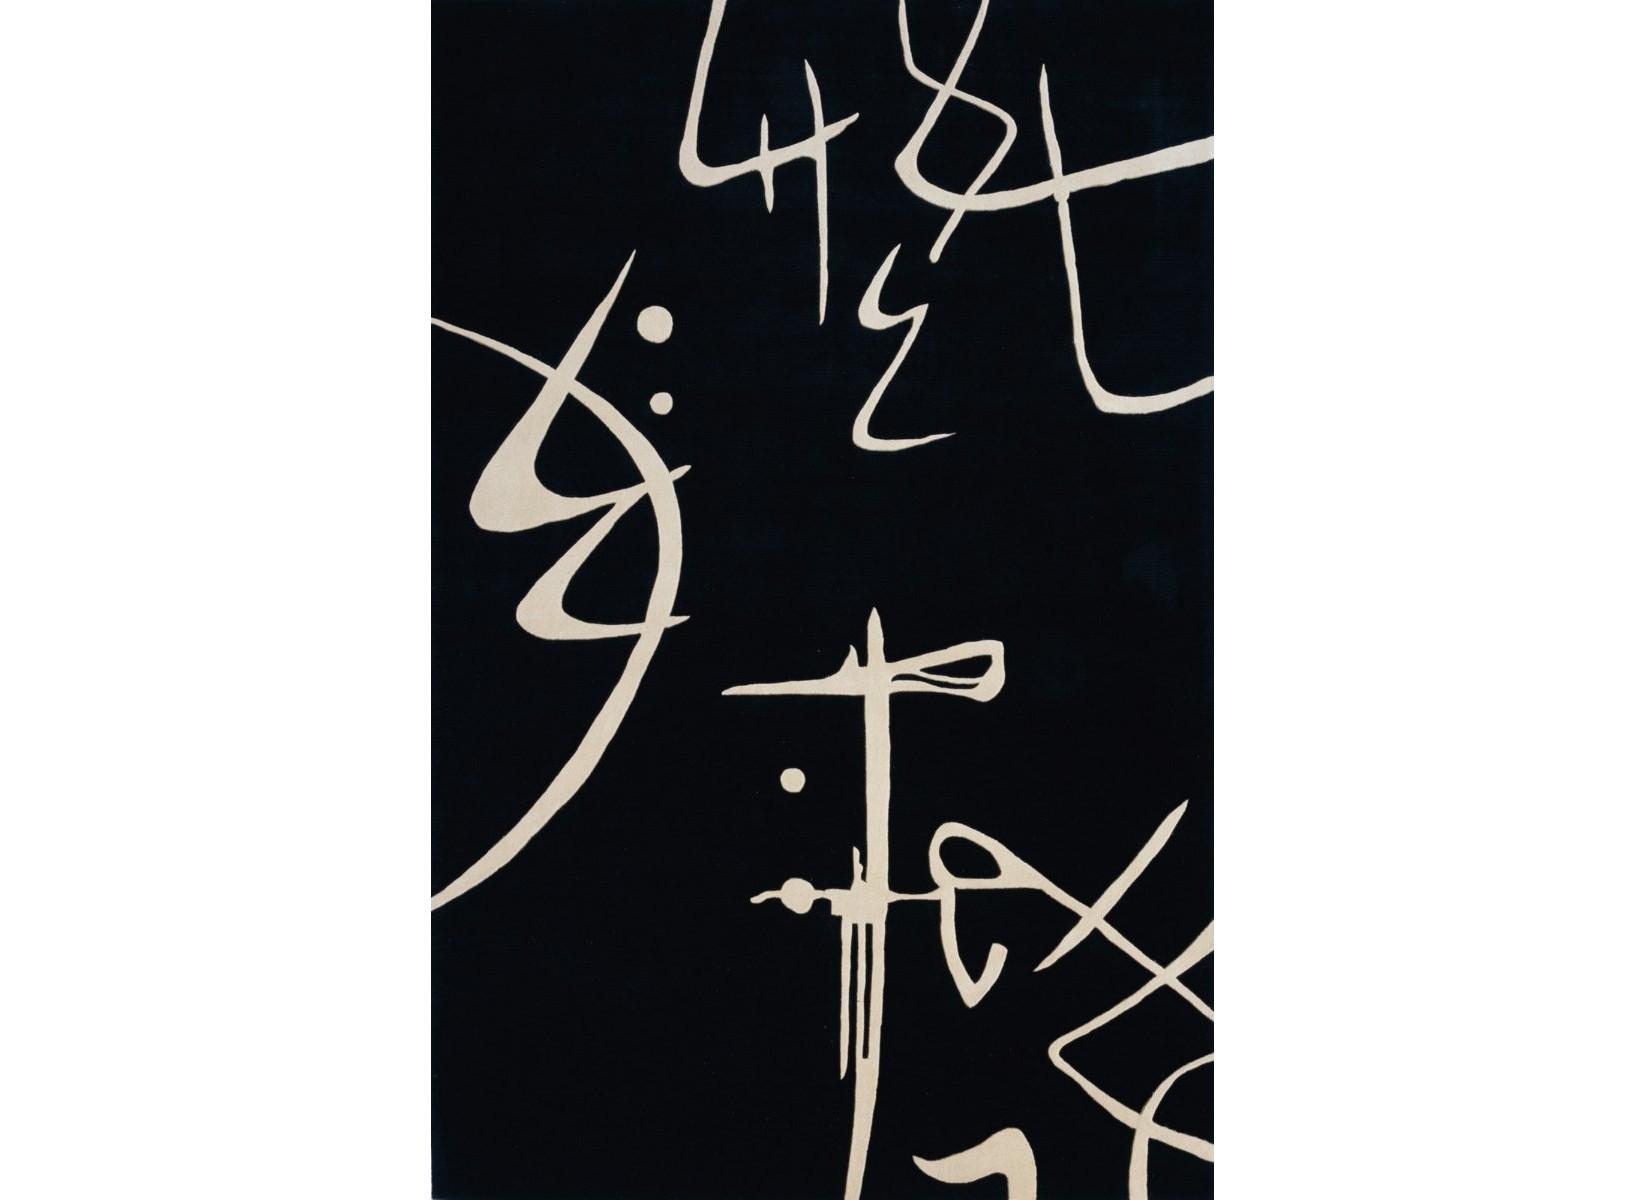 Ковер Haruki 140x200Прямоугольные ковры<br><br><br>Material: Шерсть<br>Ширина см: 140<br>Глубина см: 200